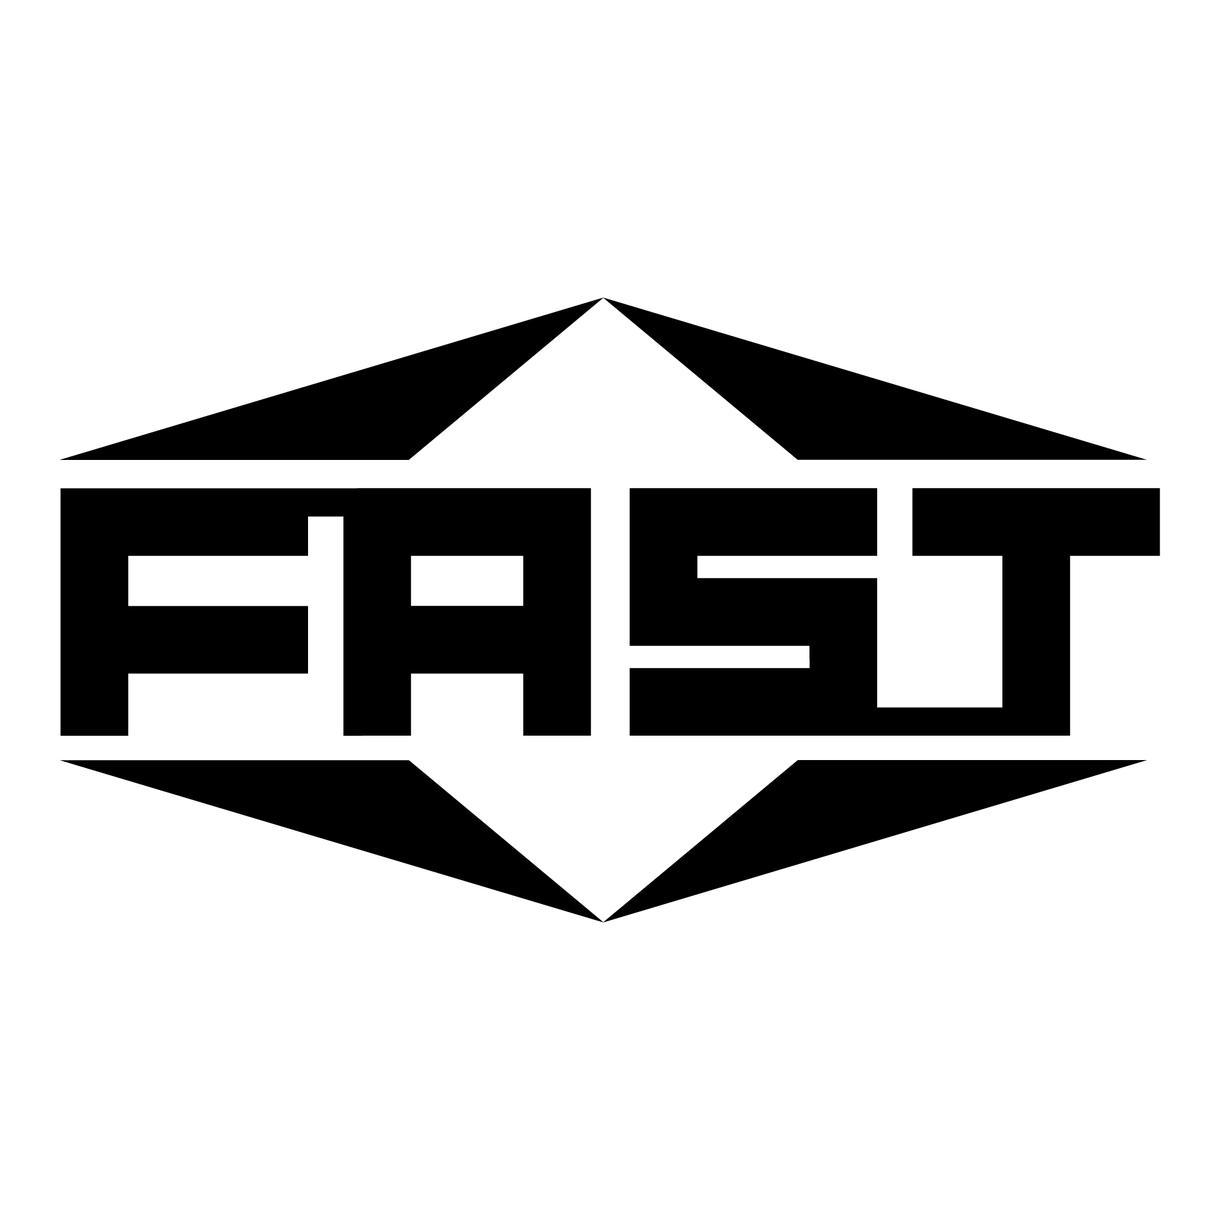 FASTLOGOのスポーツ系ロゴデザイン承ります シンプルでパワフルなスポーティロゴをお求めの方へ イメージ1